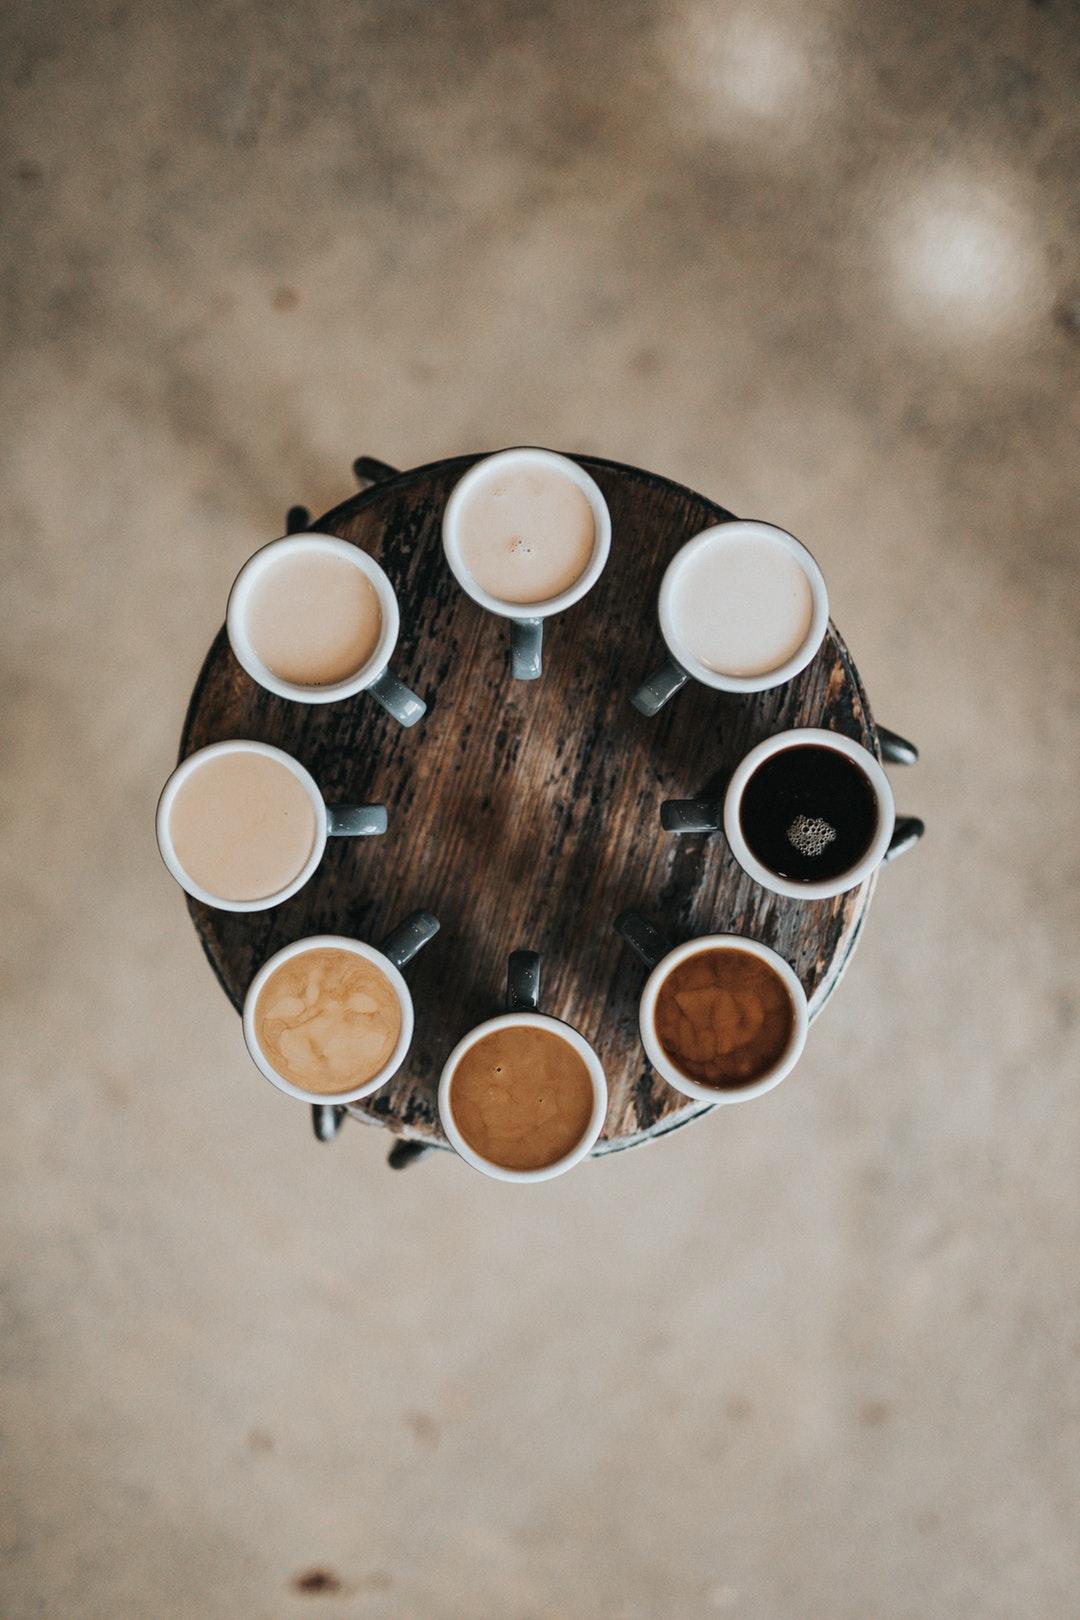 トルココーヒーまとめ!旅行で飲む?占いや飲み方なども紹介!